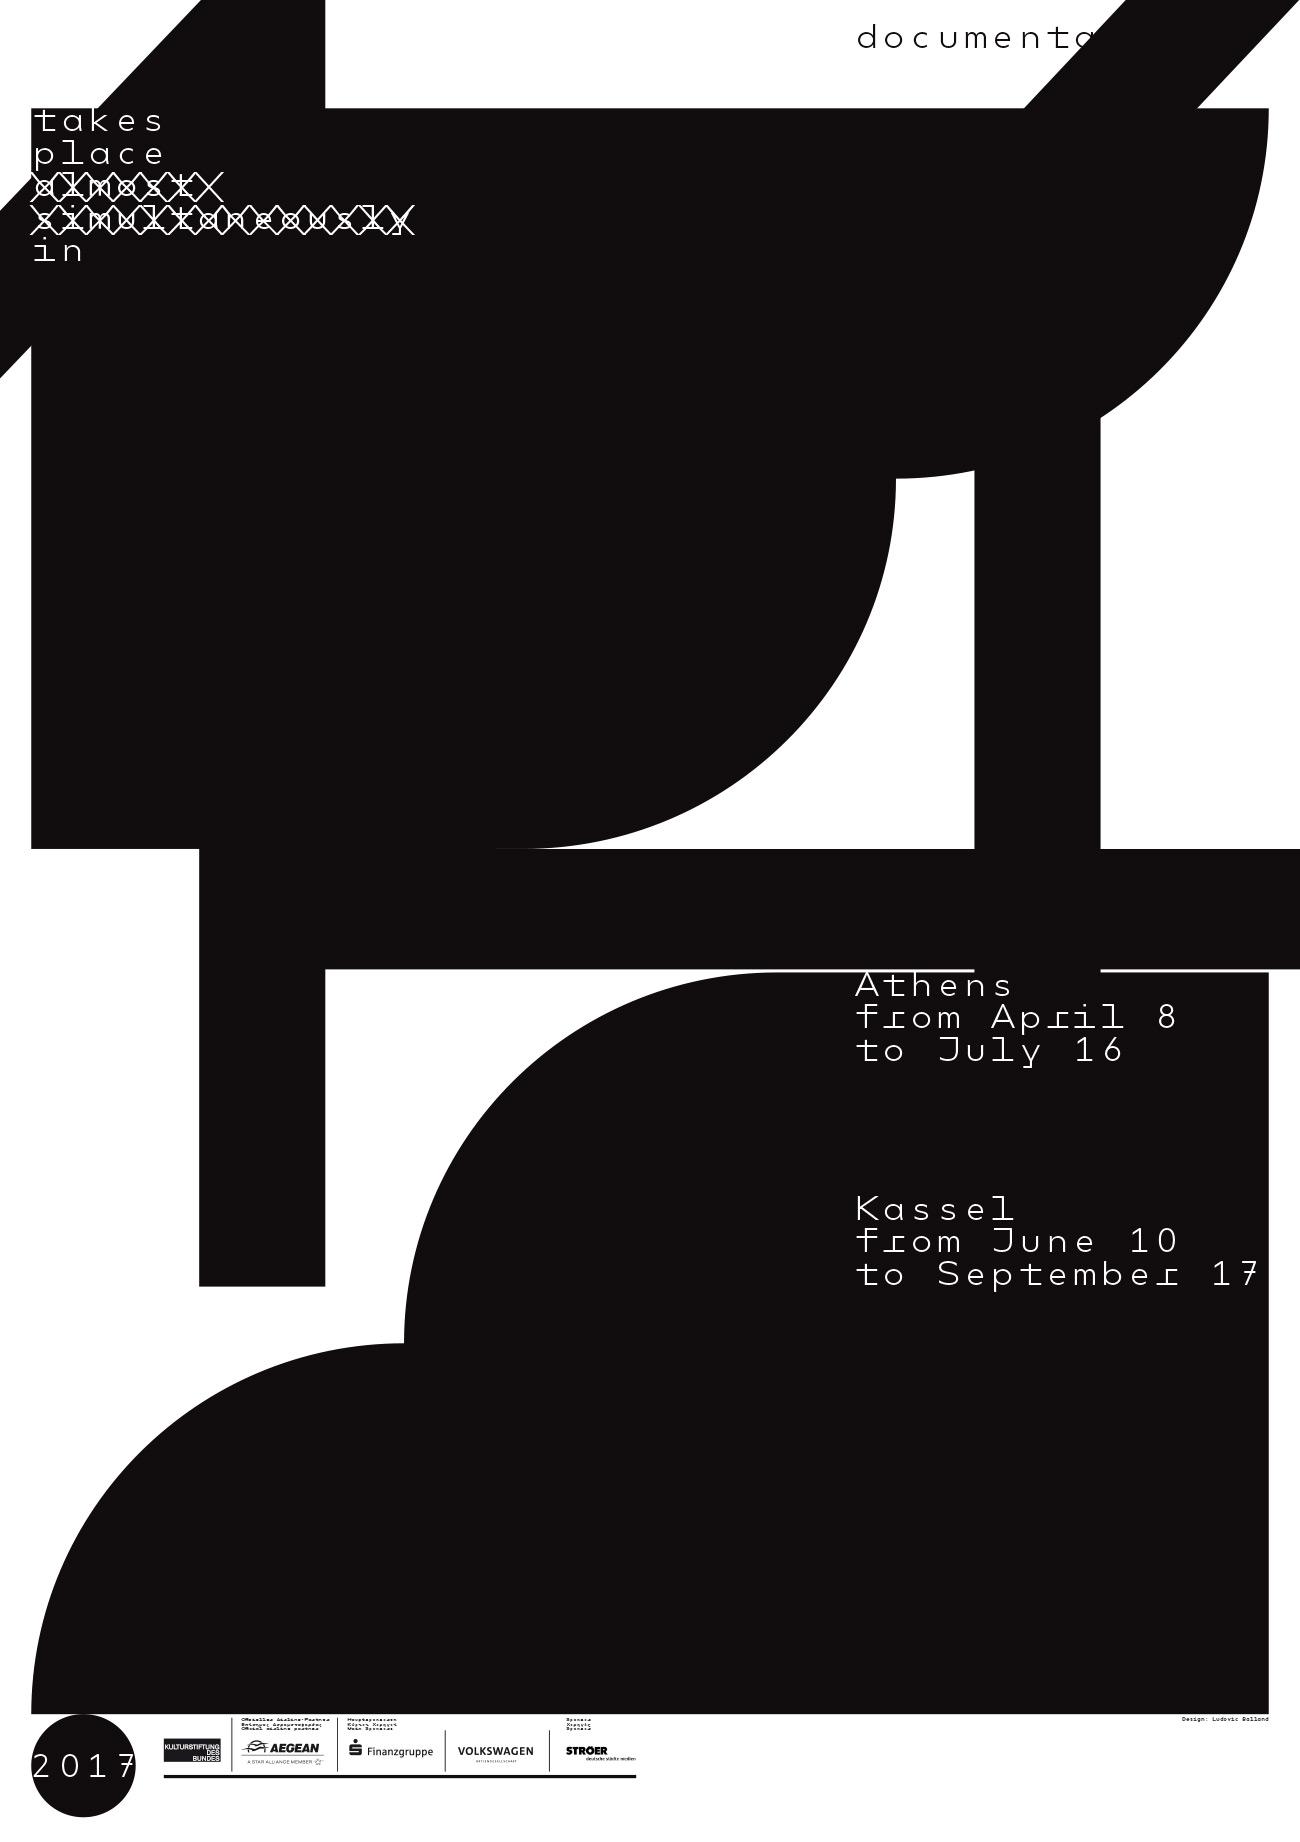 No Corporate Design: Wie die documenta 14 mit ihrem Erscheinungsbild ...